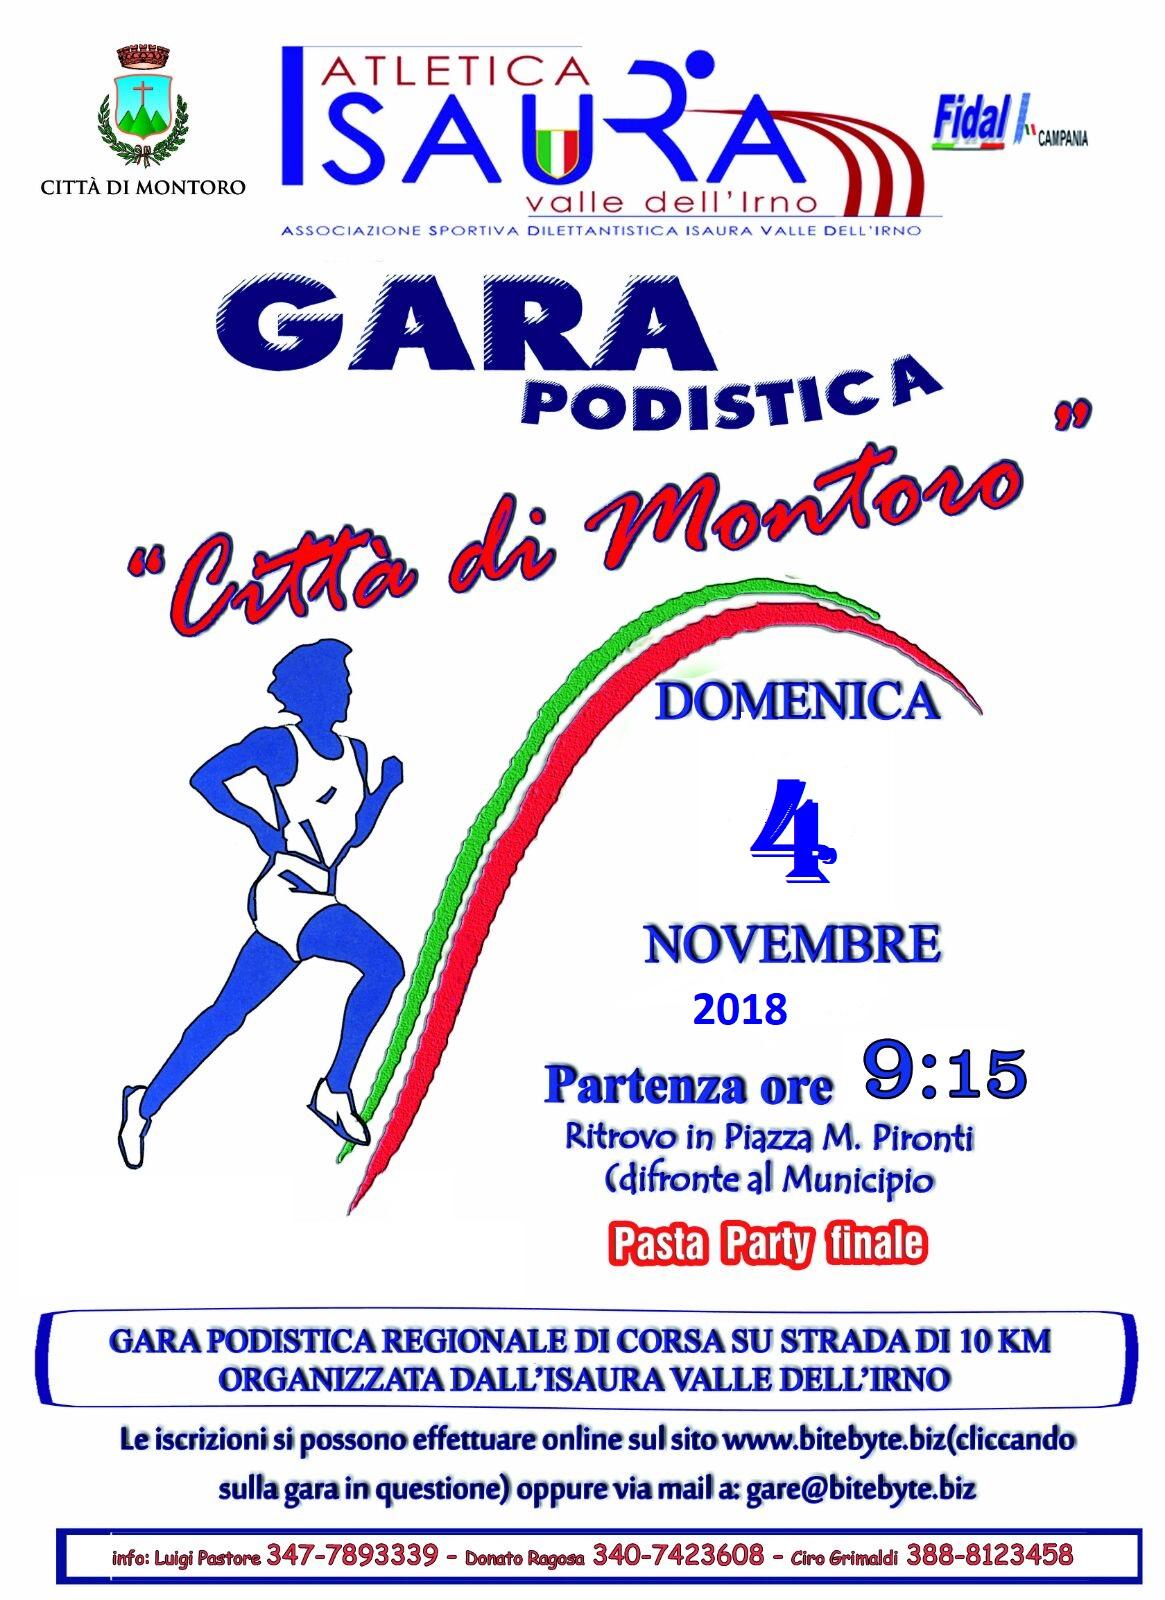 Trofeo Podistico Città di Montoro